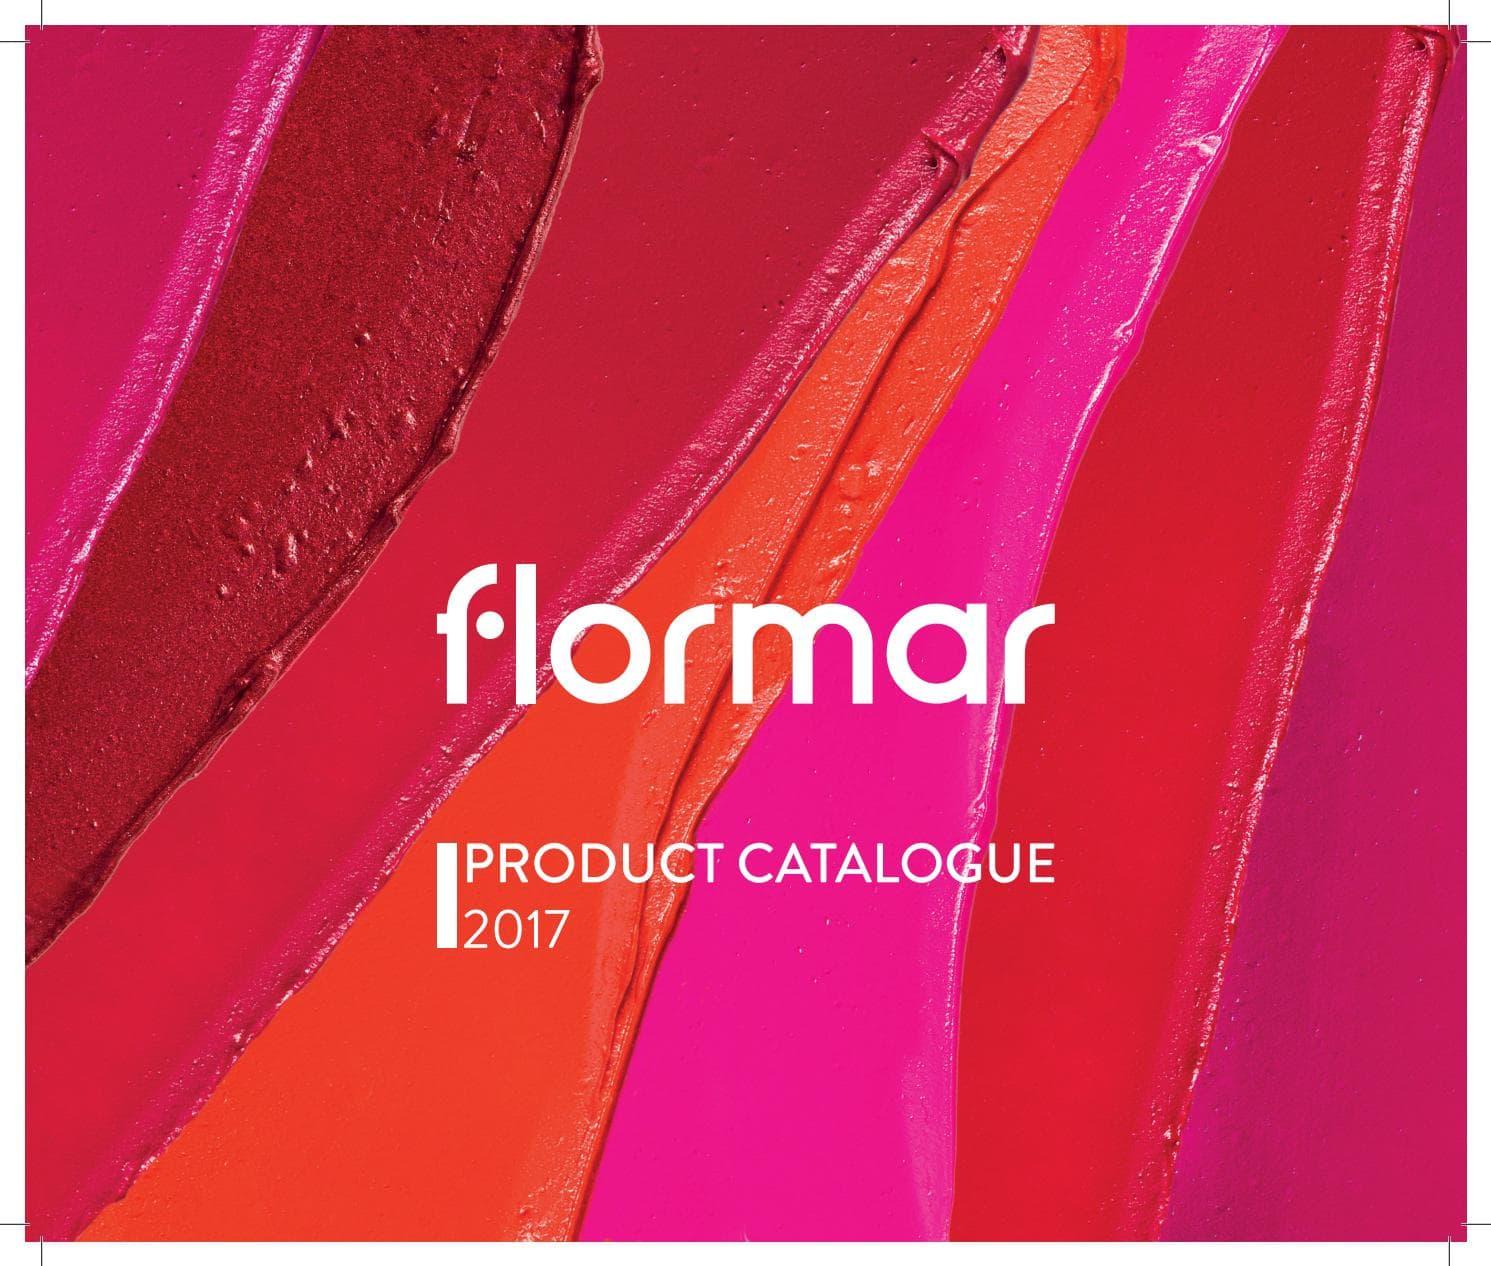 كاتالوج ماركة فلورمار ٢٠١٧ FLORMAR